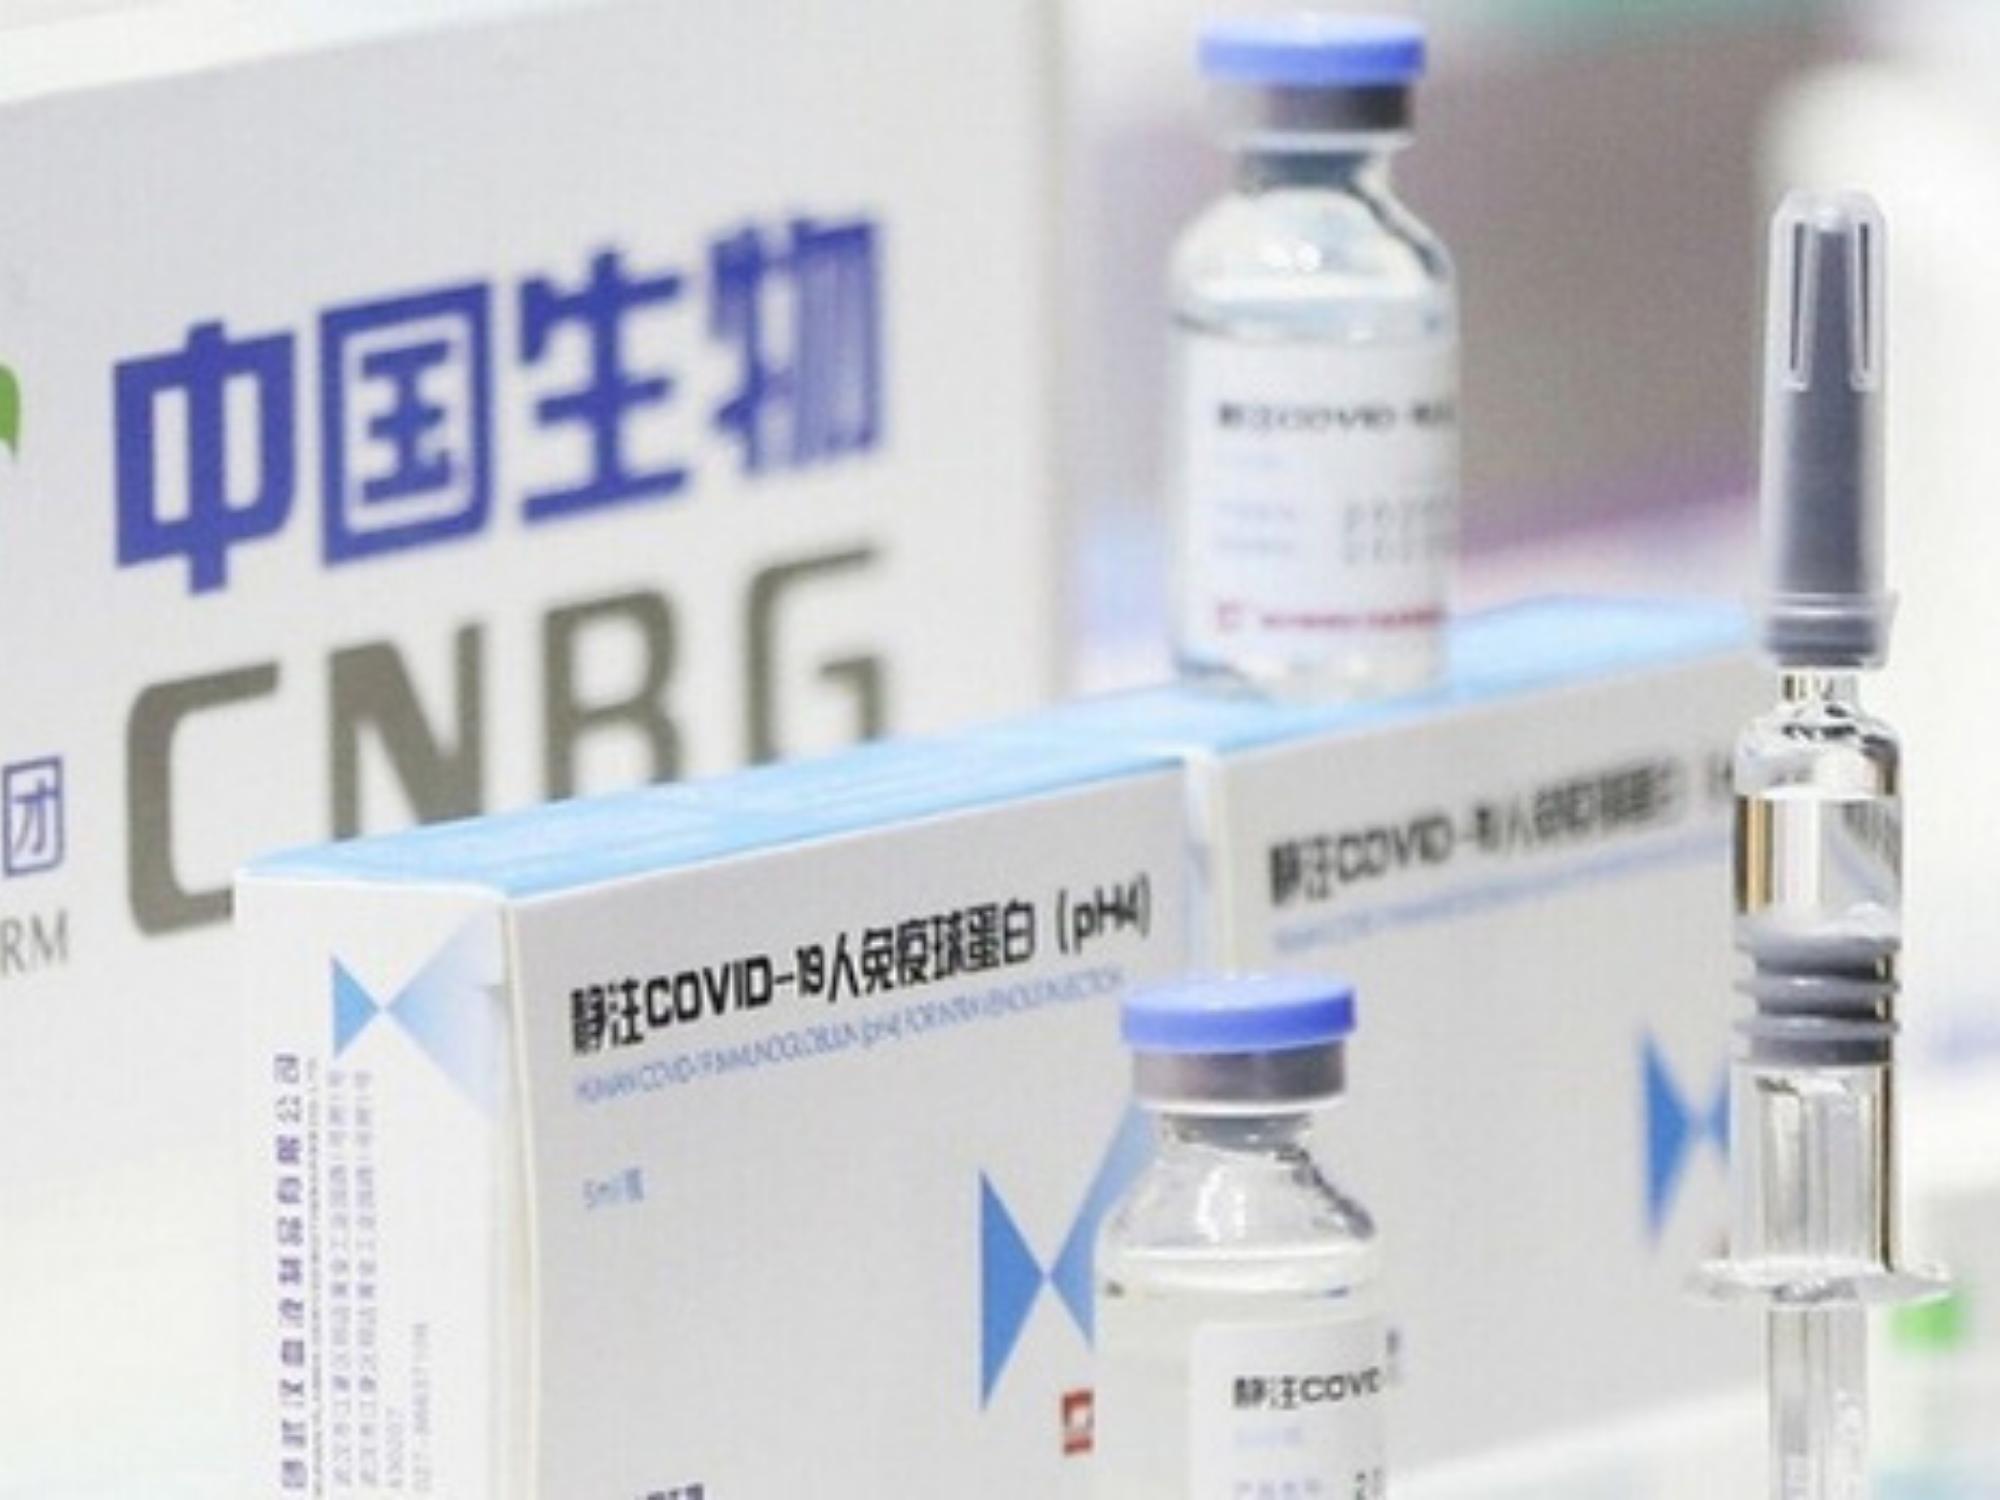 Bộ Y tế Việt Nam chính thức phê duyệt loại Vaccine Covid-19 Vero Cell đạt hiệu quả bảo vệ cao lên đến 78,2%